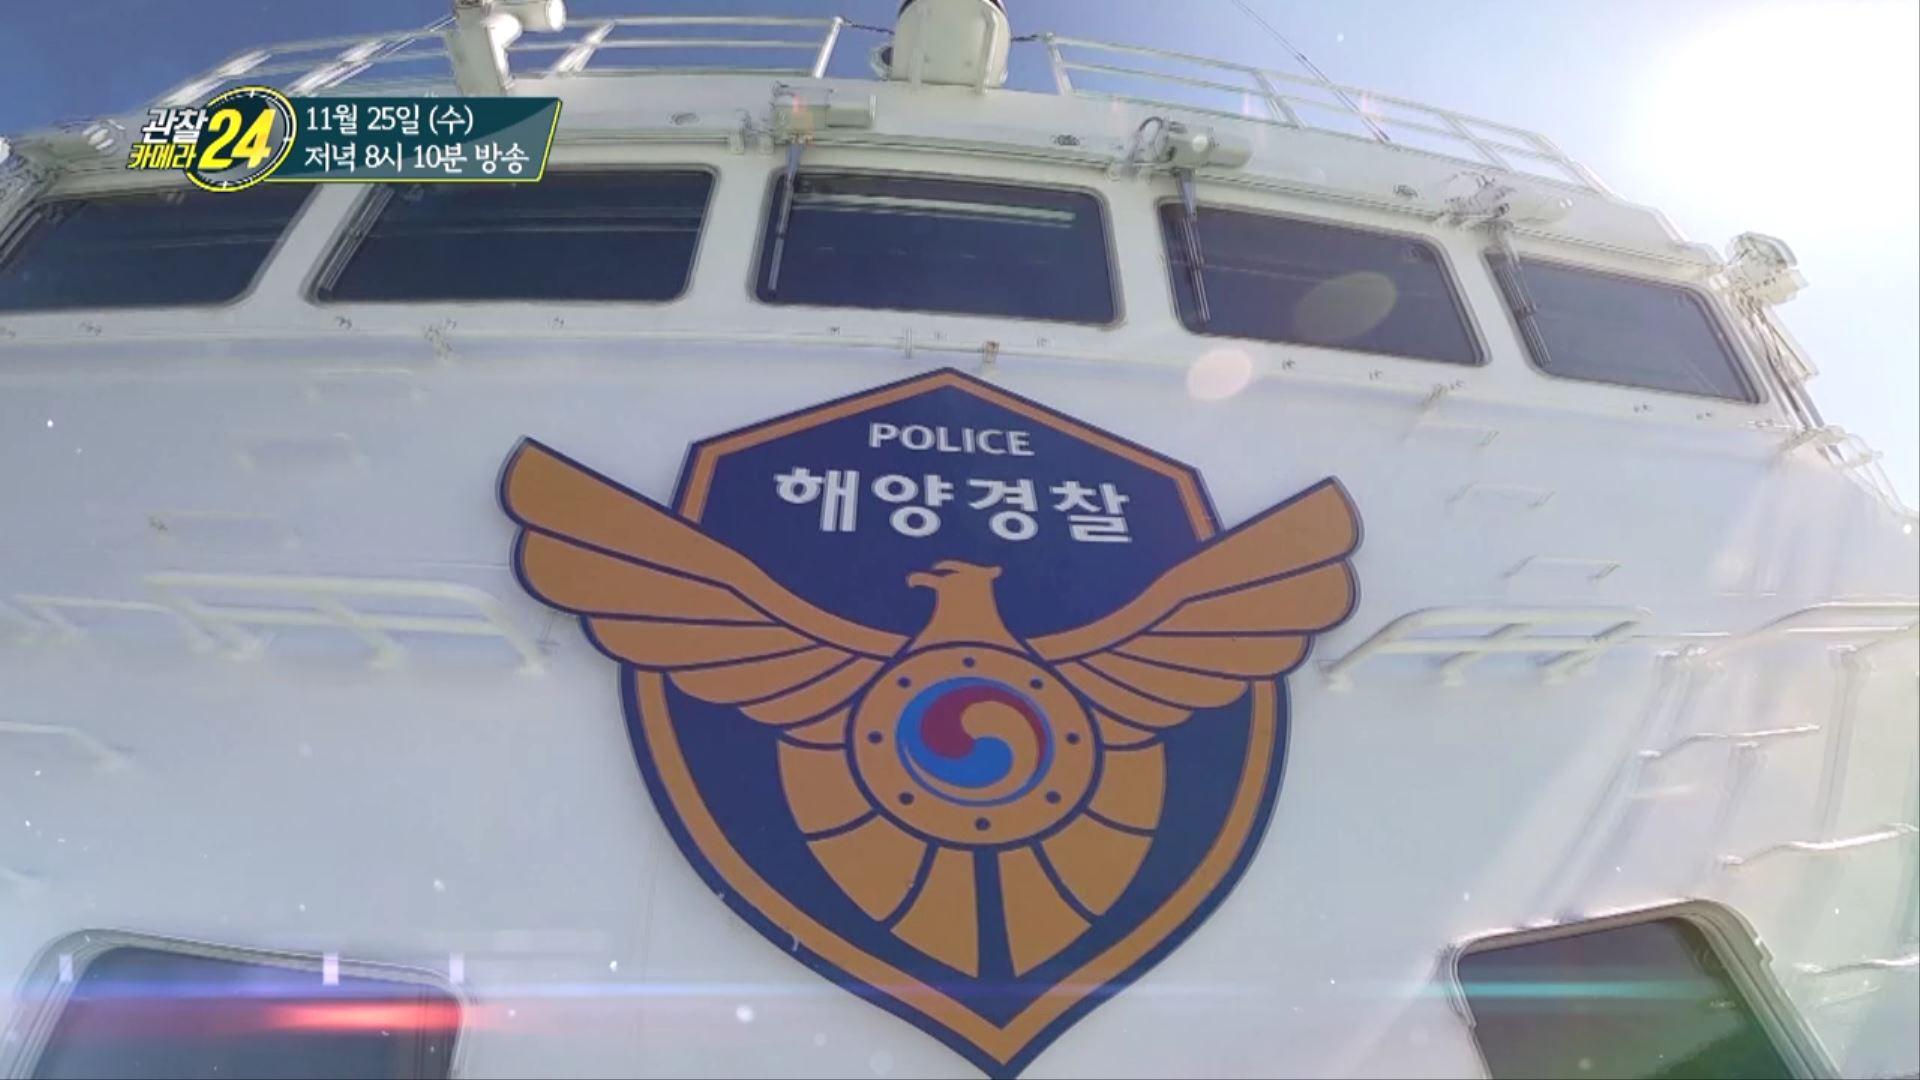 [예고] 국민의 안전을 지킨다! 바다의 수호자 해양경찰! 이미지